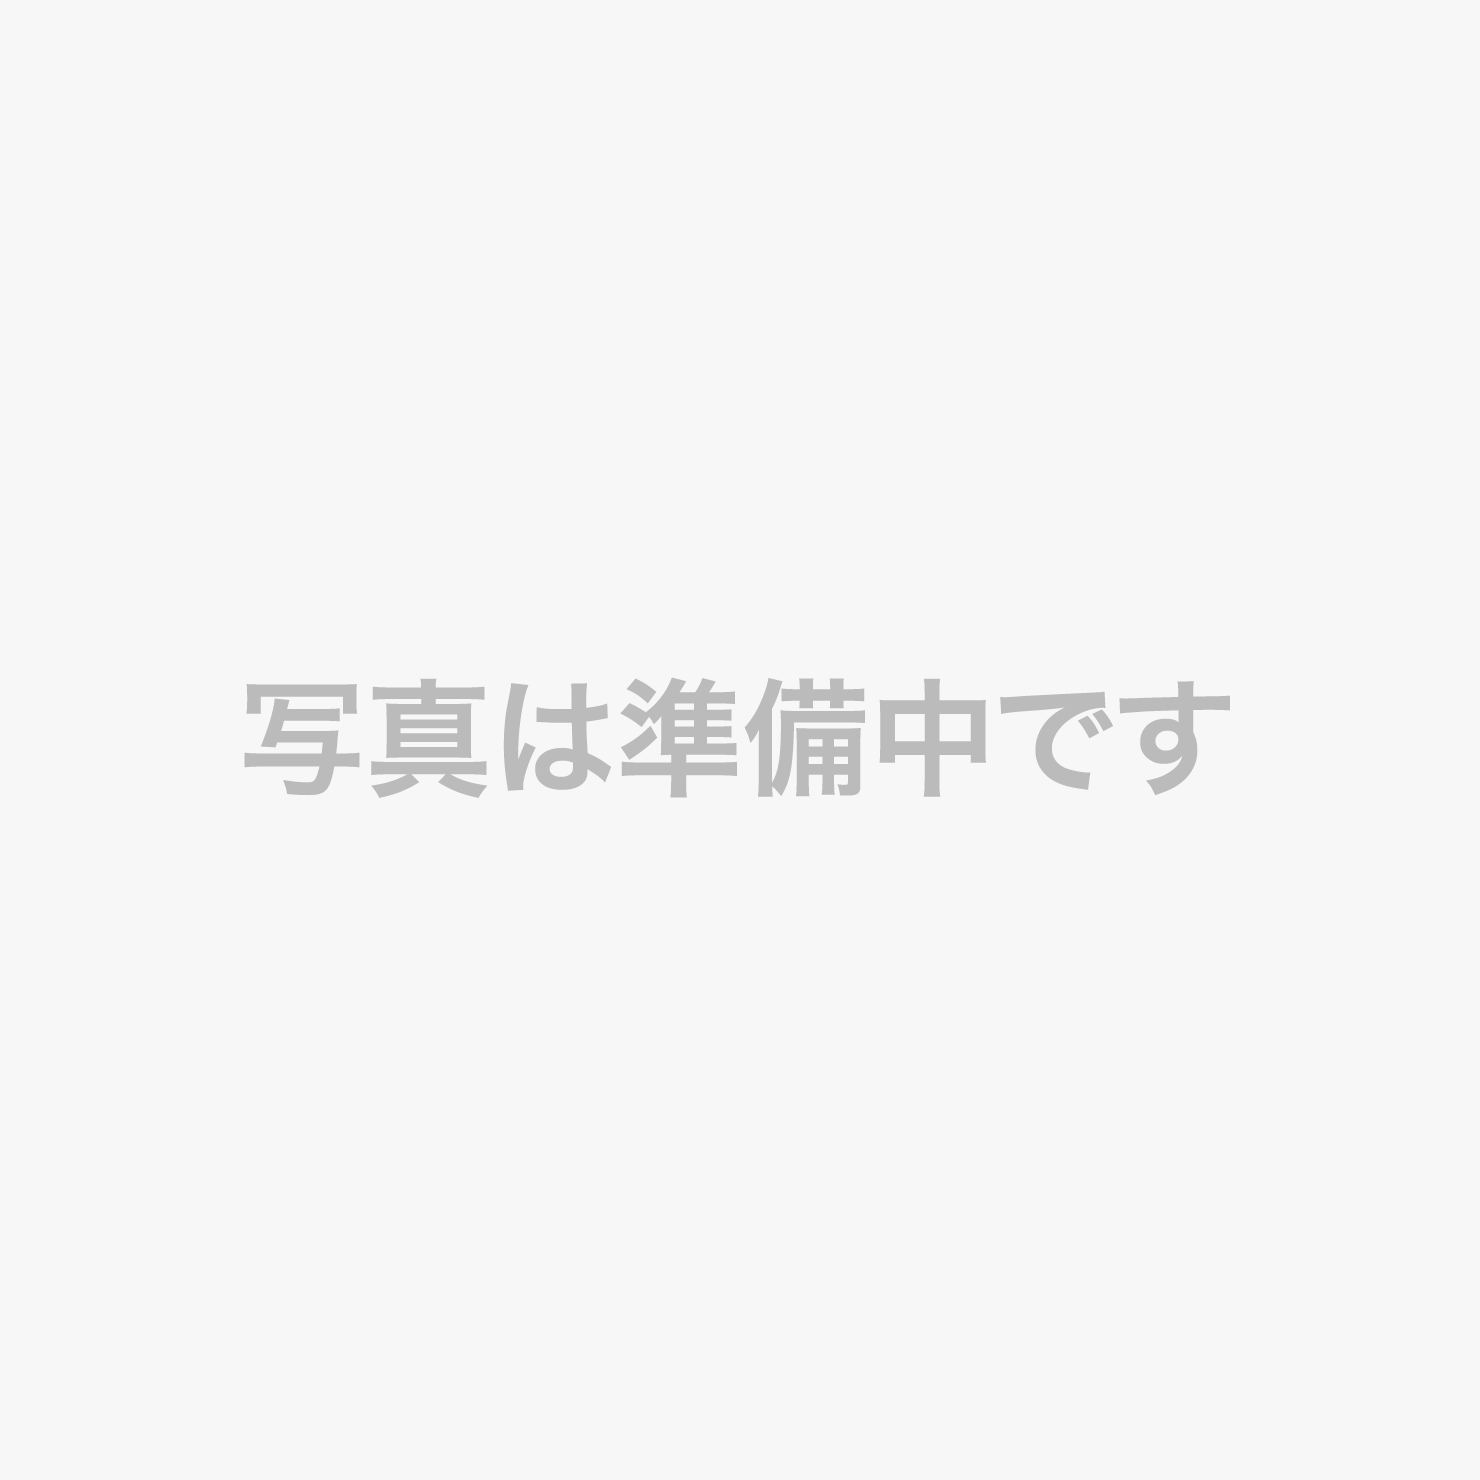 2020年秋の料理フェア【秋の伊勢路 大収穫祭バイキング】9/1~11/30まで【秋の天ぷら】